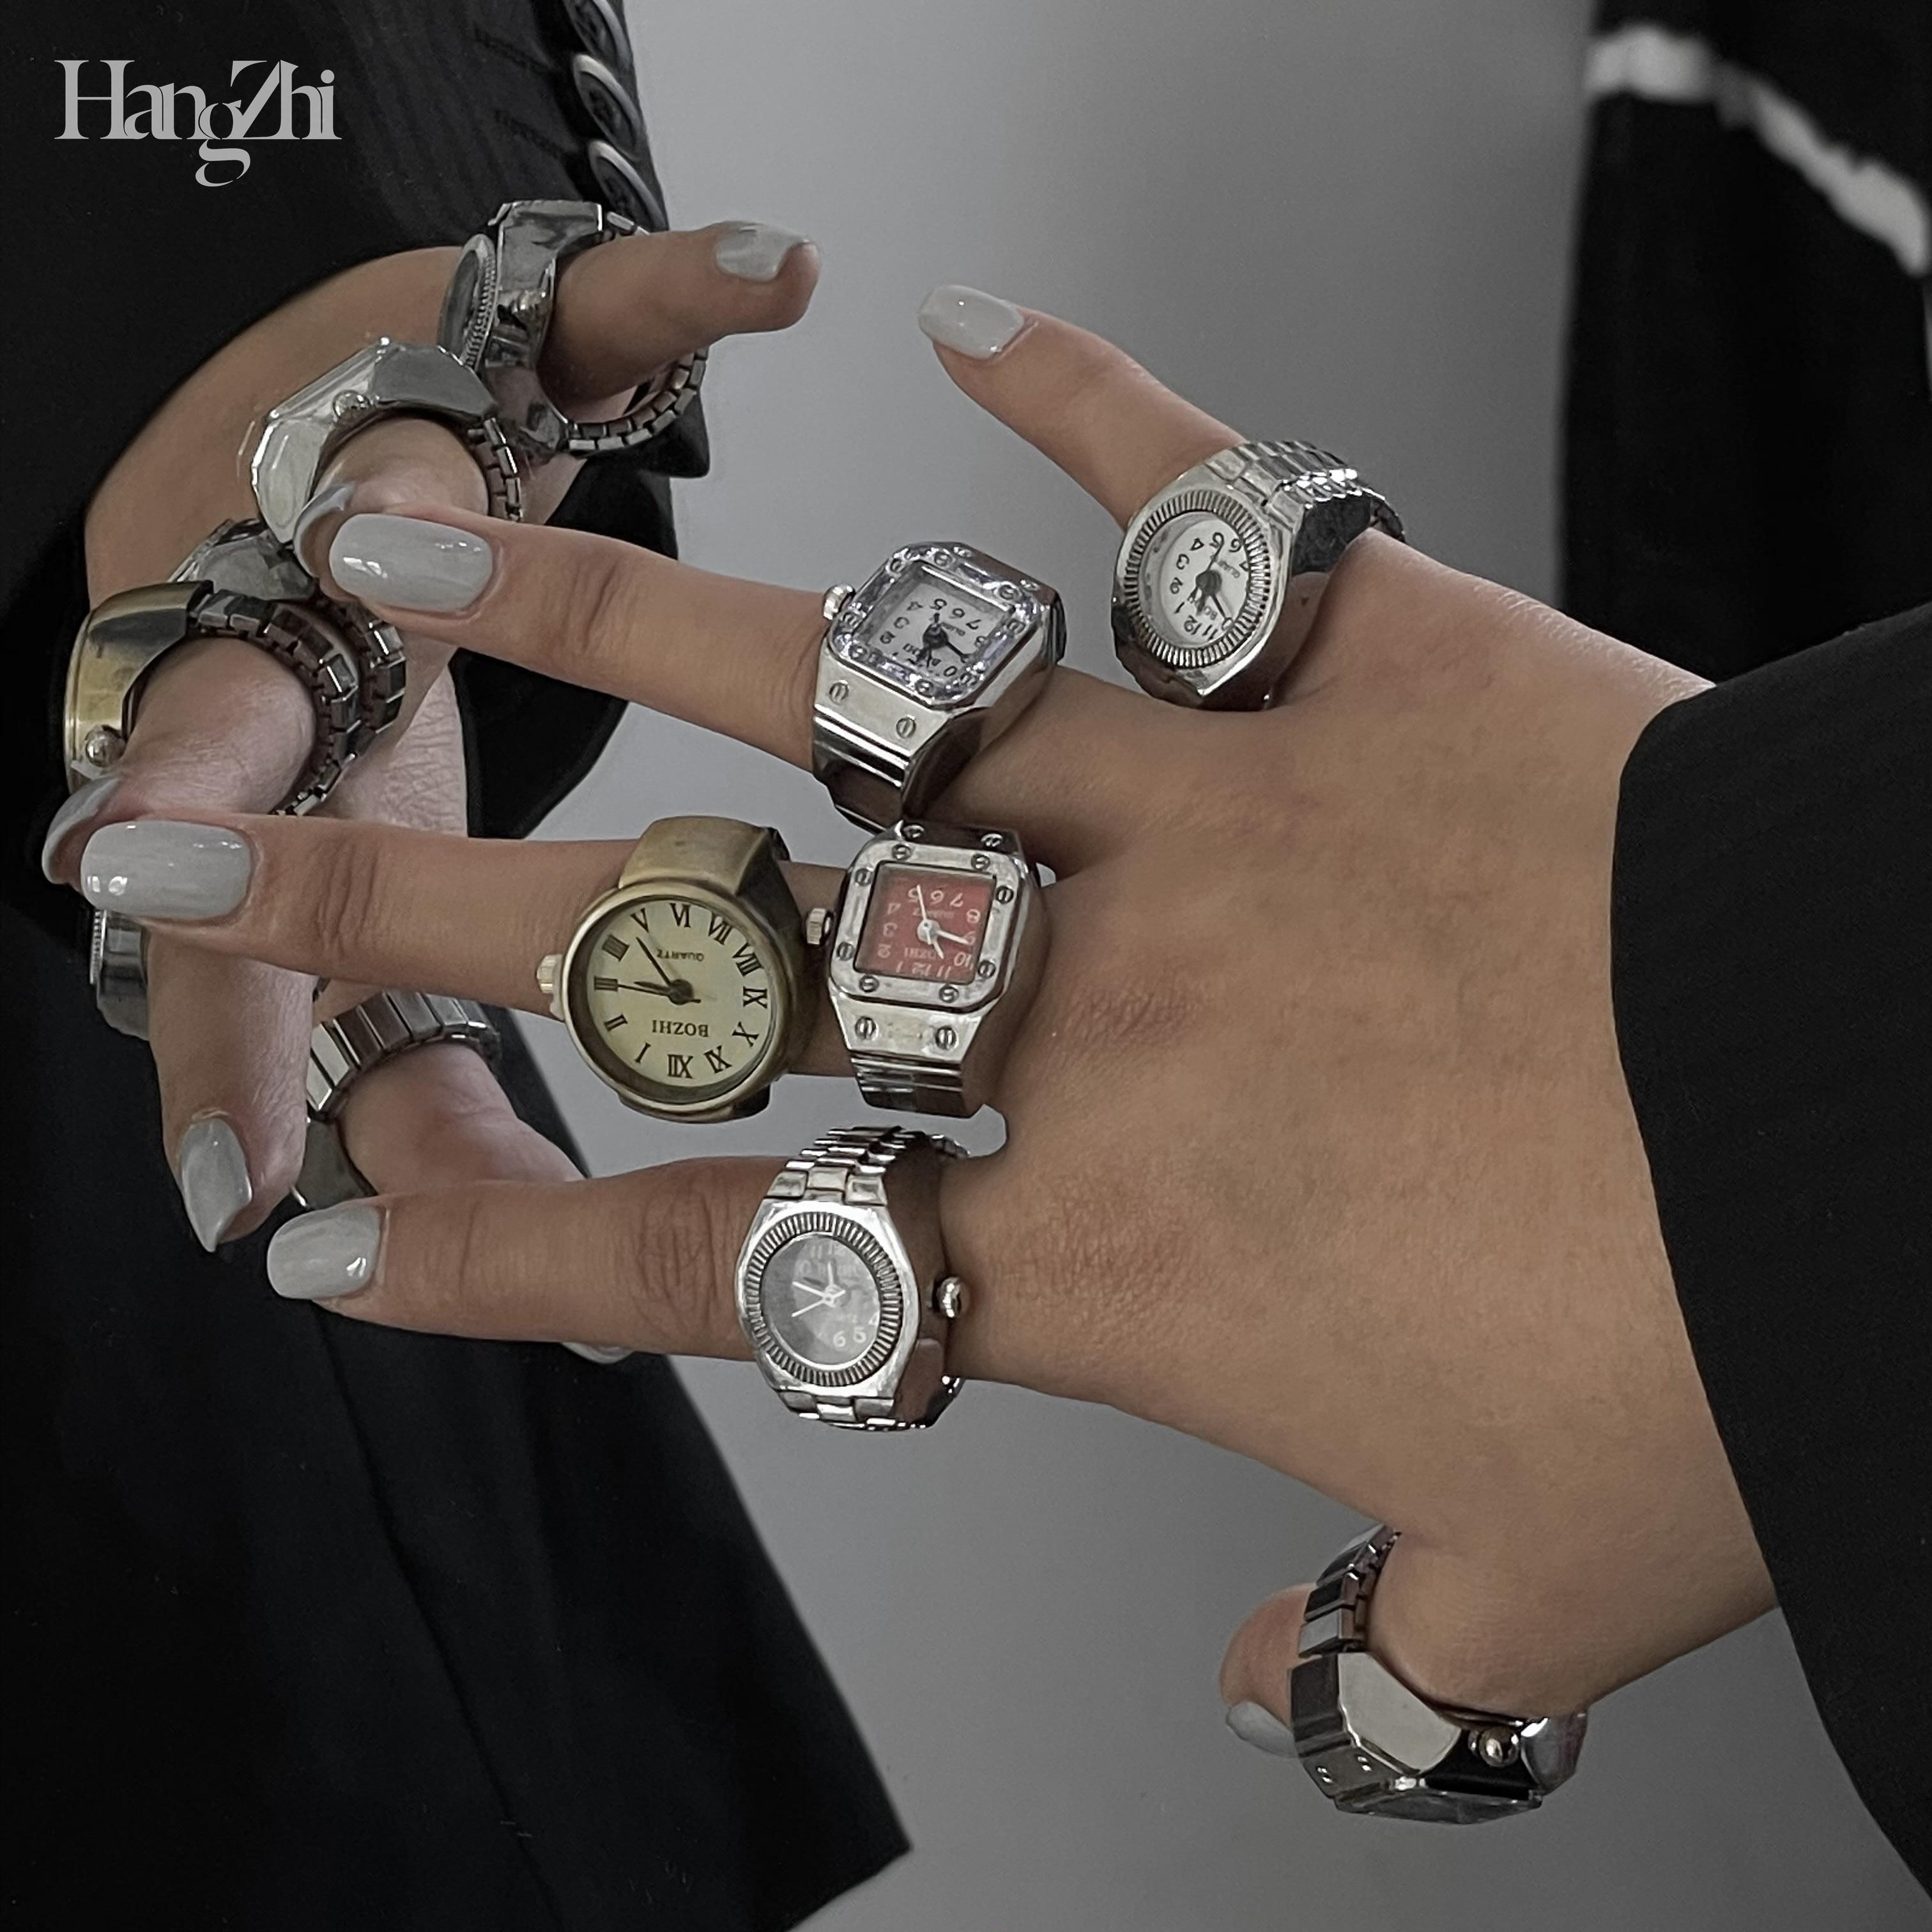 HANGZHI 2021 Новая женская обувь в стиле панк, мини часы эластичная стрейчевая кварцевые часы кольца из серебра Цвет для мужчин и женщин в стиле х...